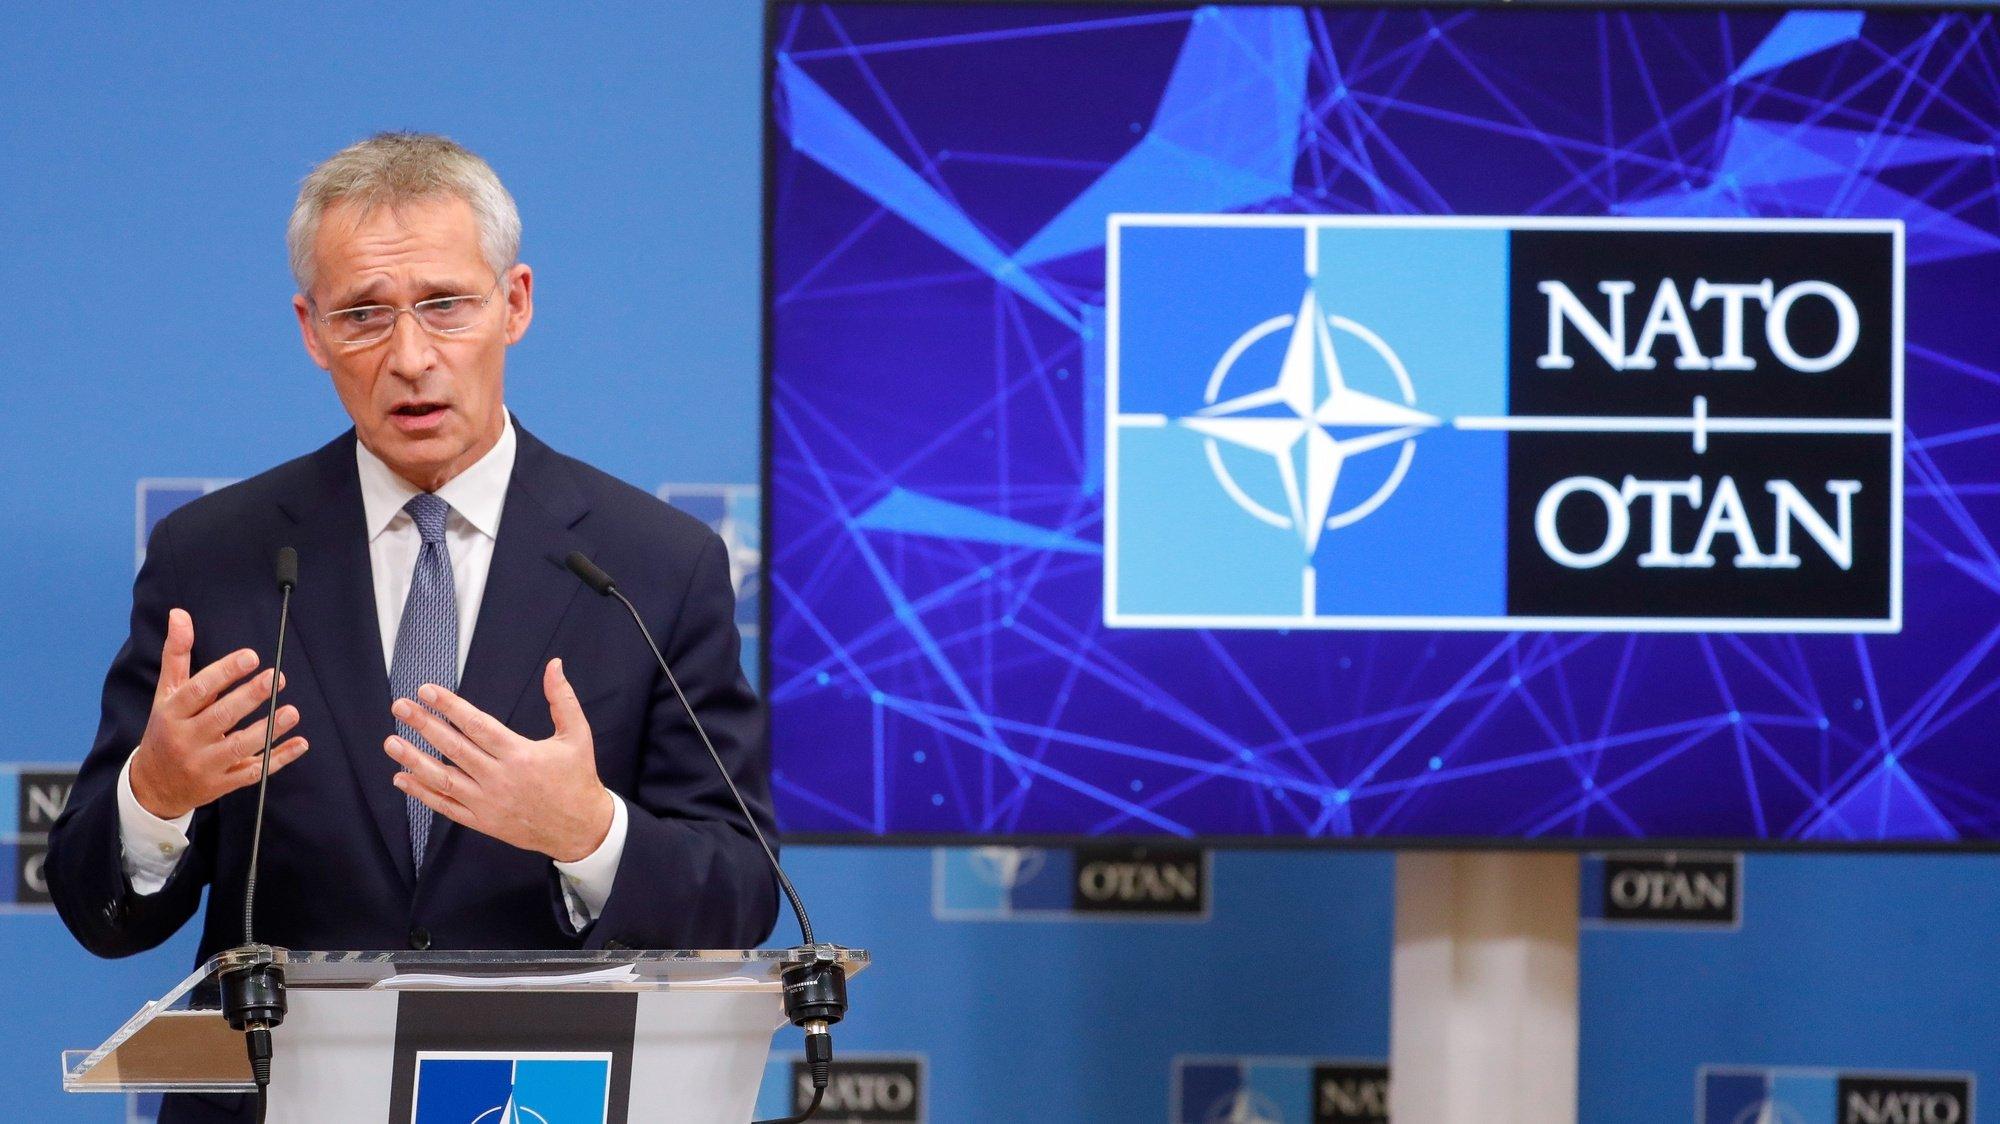 Secretário geral da NATO Jens Stoltenberg